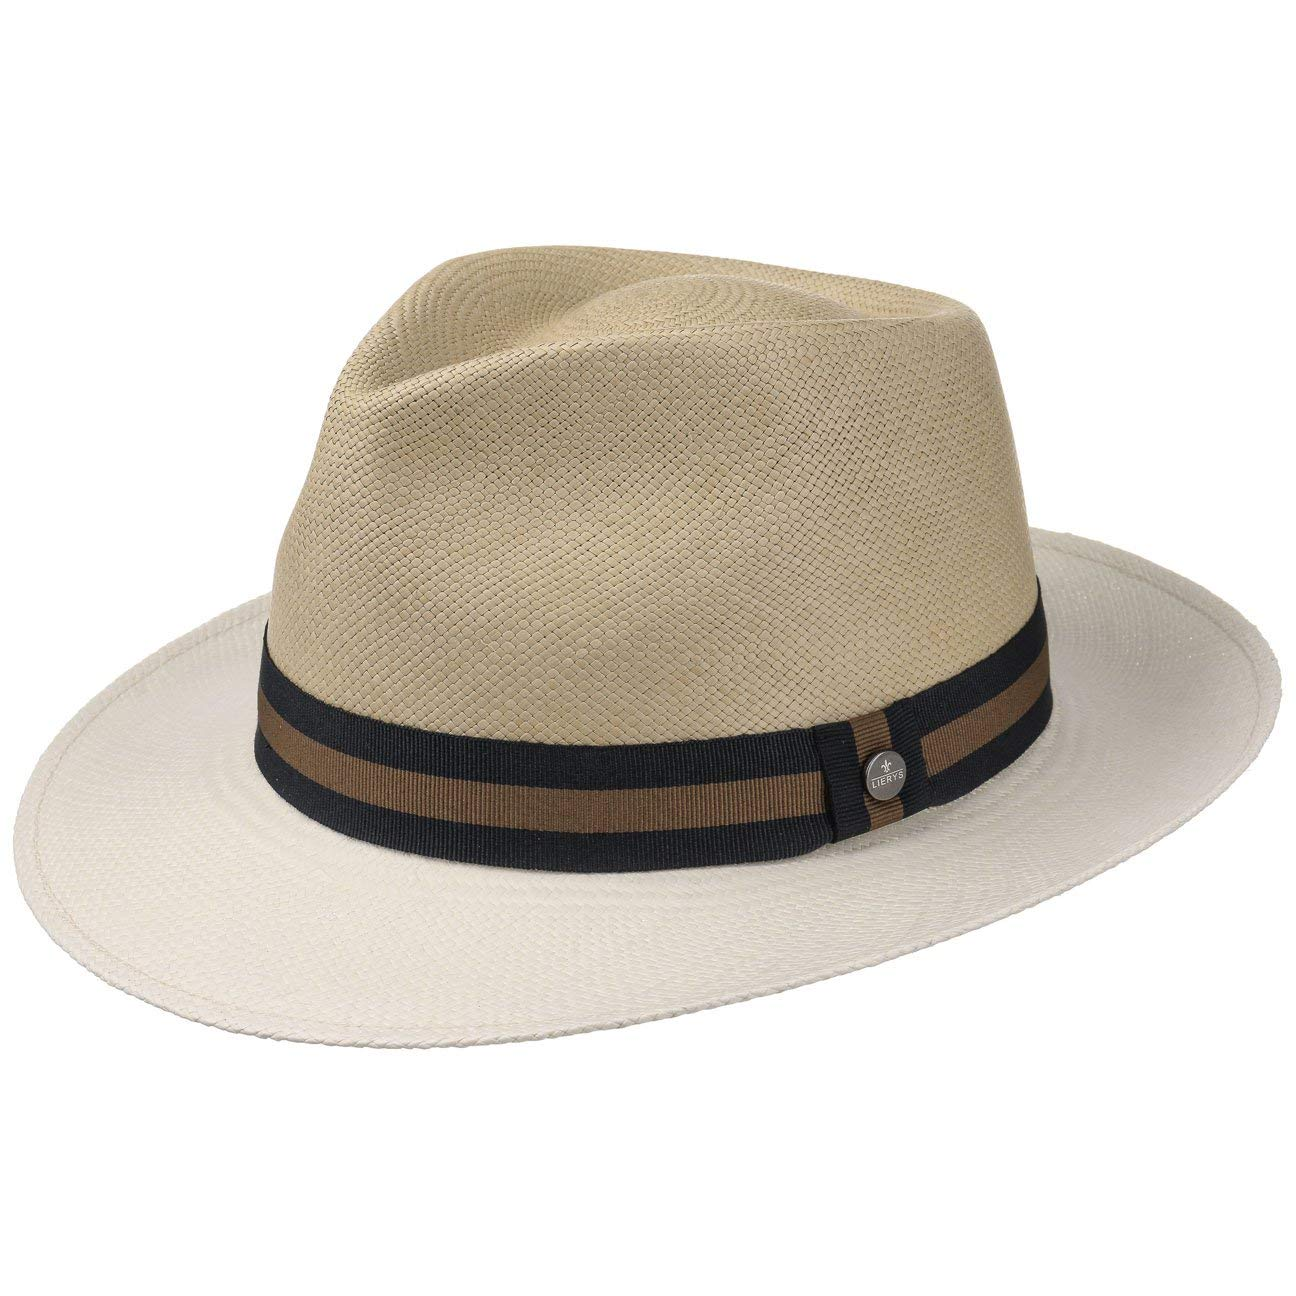 Made in Ecuador mit Ripsband Fr/ühling-Sommer Lierys Twotone Panama Bogarthut Strohhut Panamastrohhut Sommerhut Sonnenhut Standhut Hut Herren